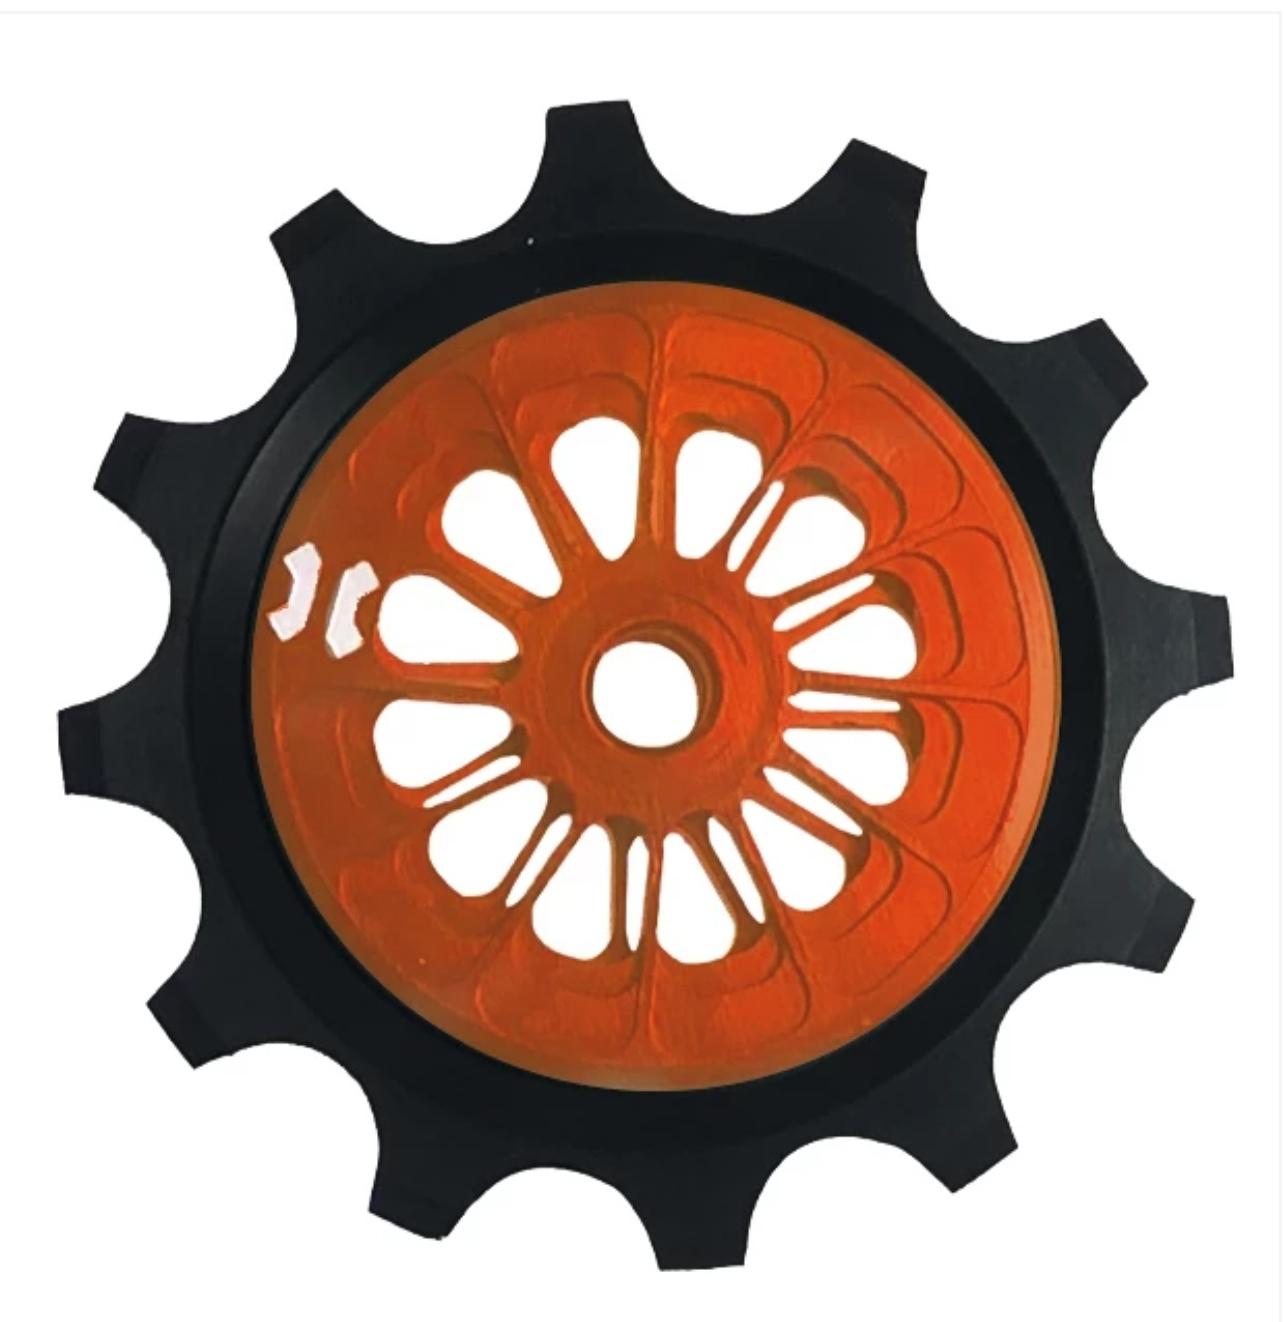 LEONARDI Puleggia Upper  per Sram Eagle 12S Orange